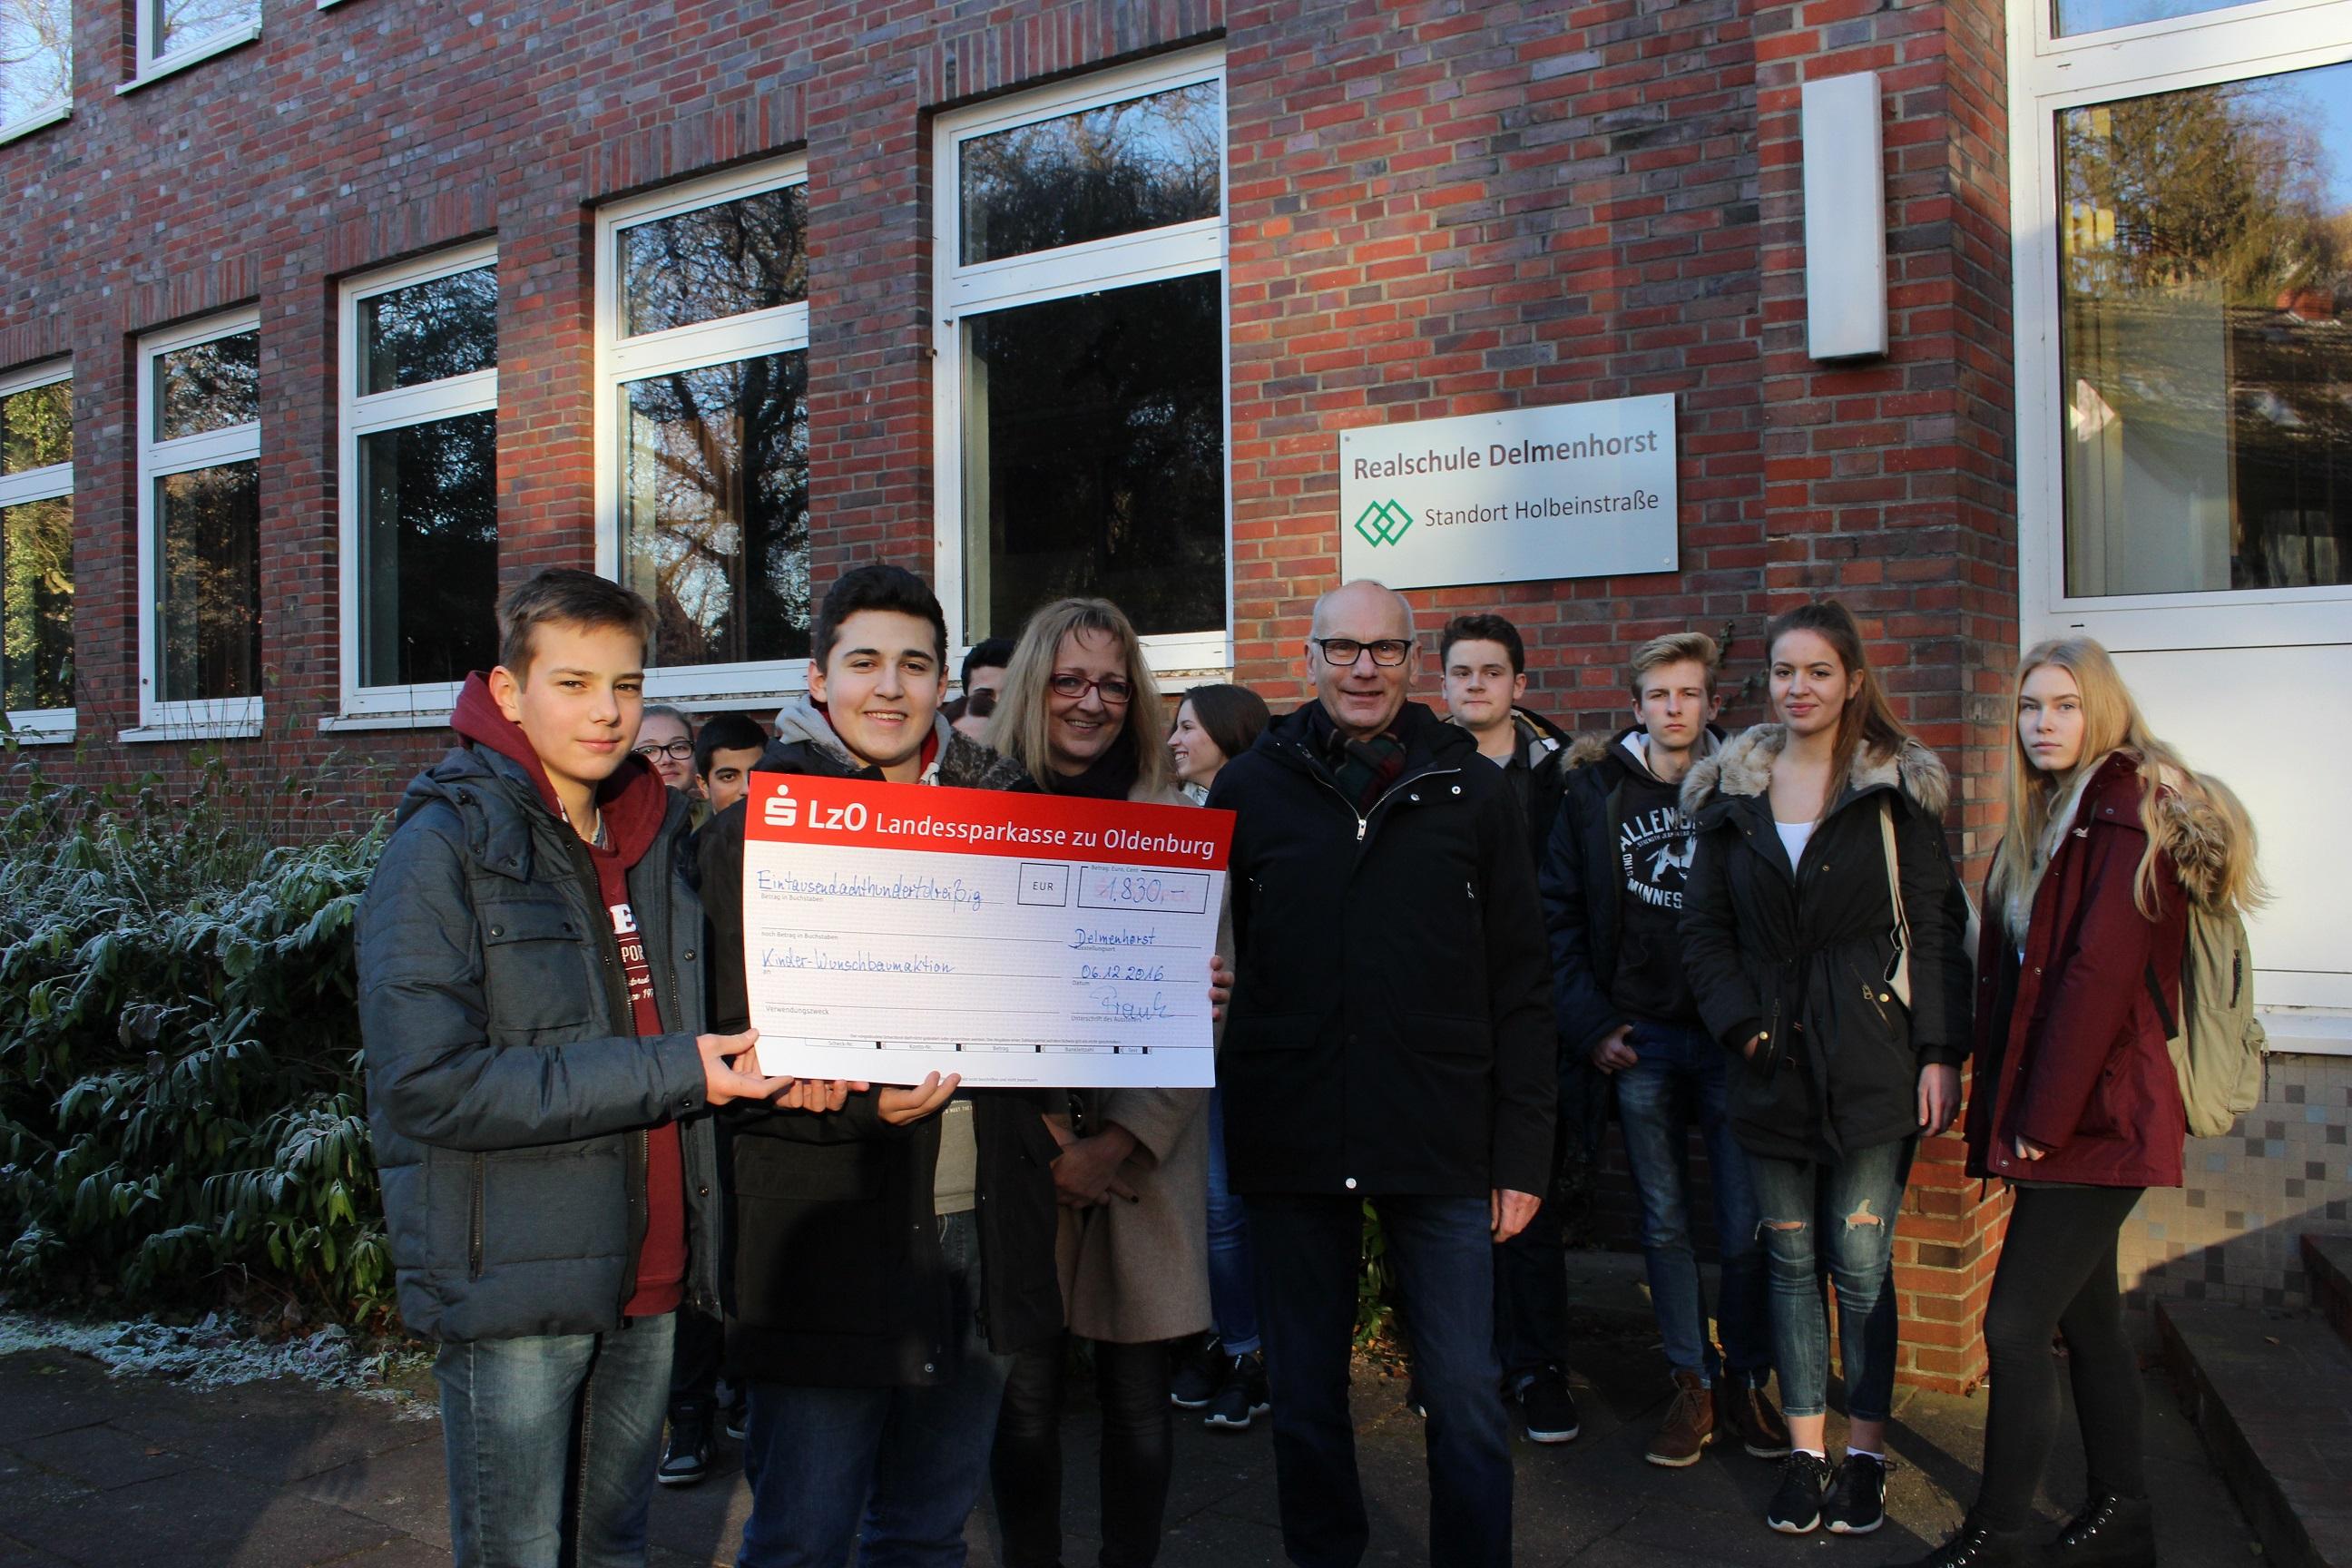 Realschule Delmenhorst spendet KinderWunschBaum 1.830 Euro